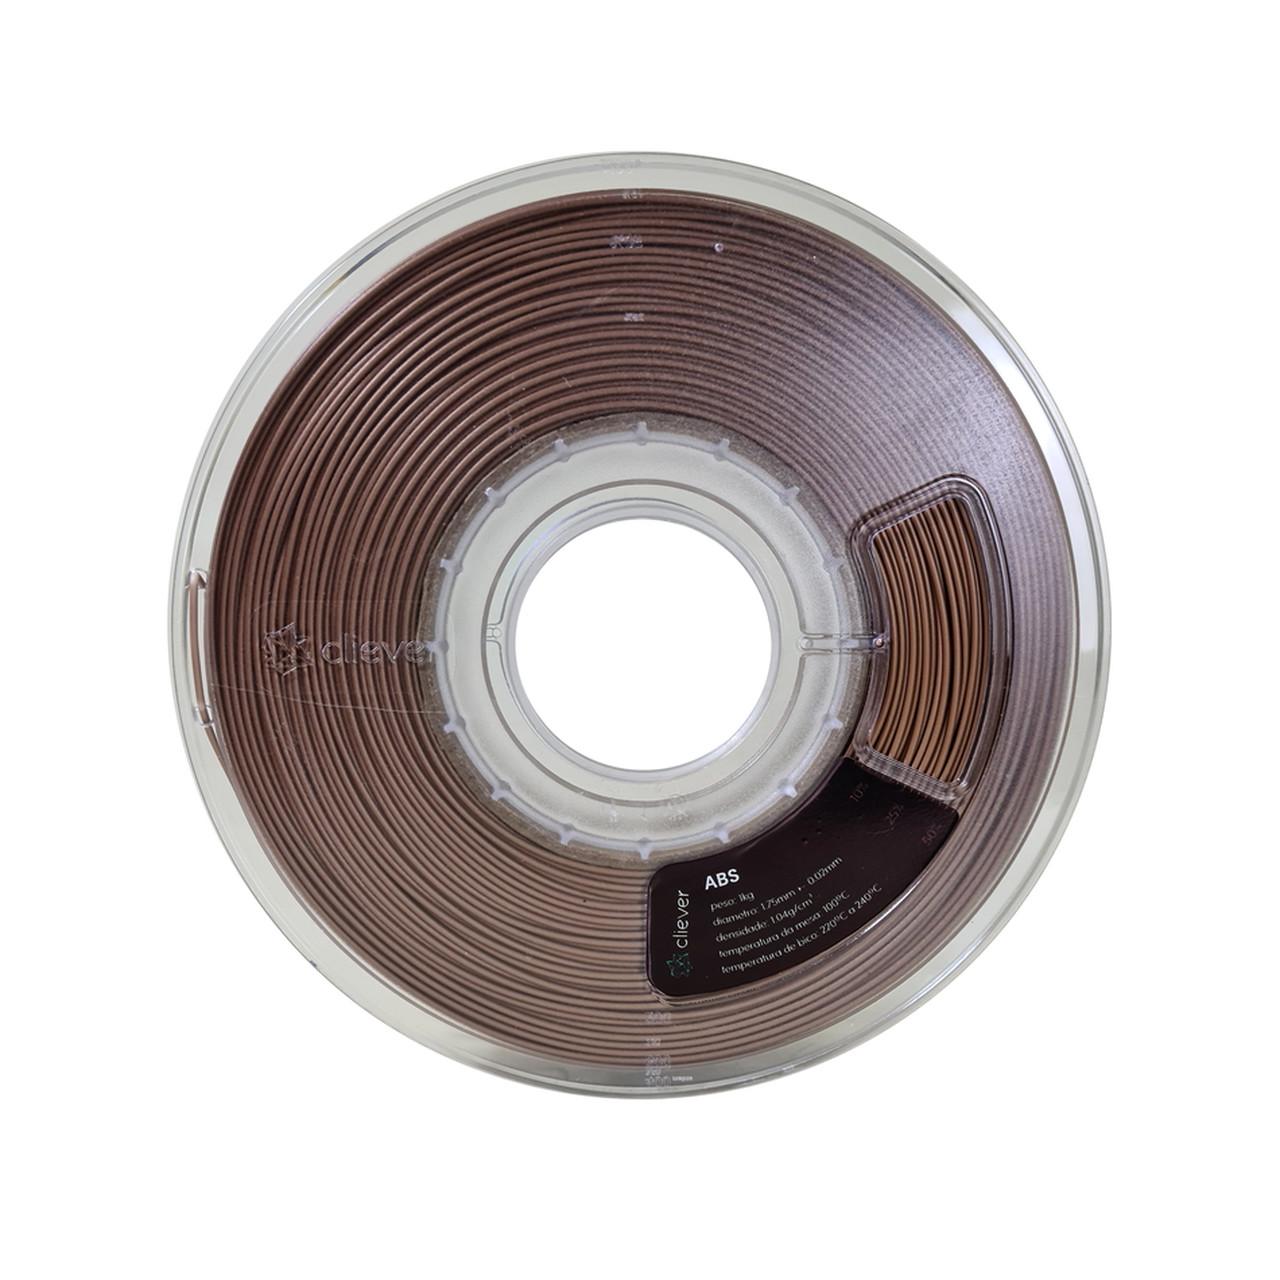 Filamento ABS - Bronze - Cliever - 1.75mm - 1kg